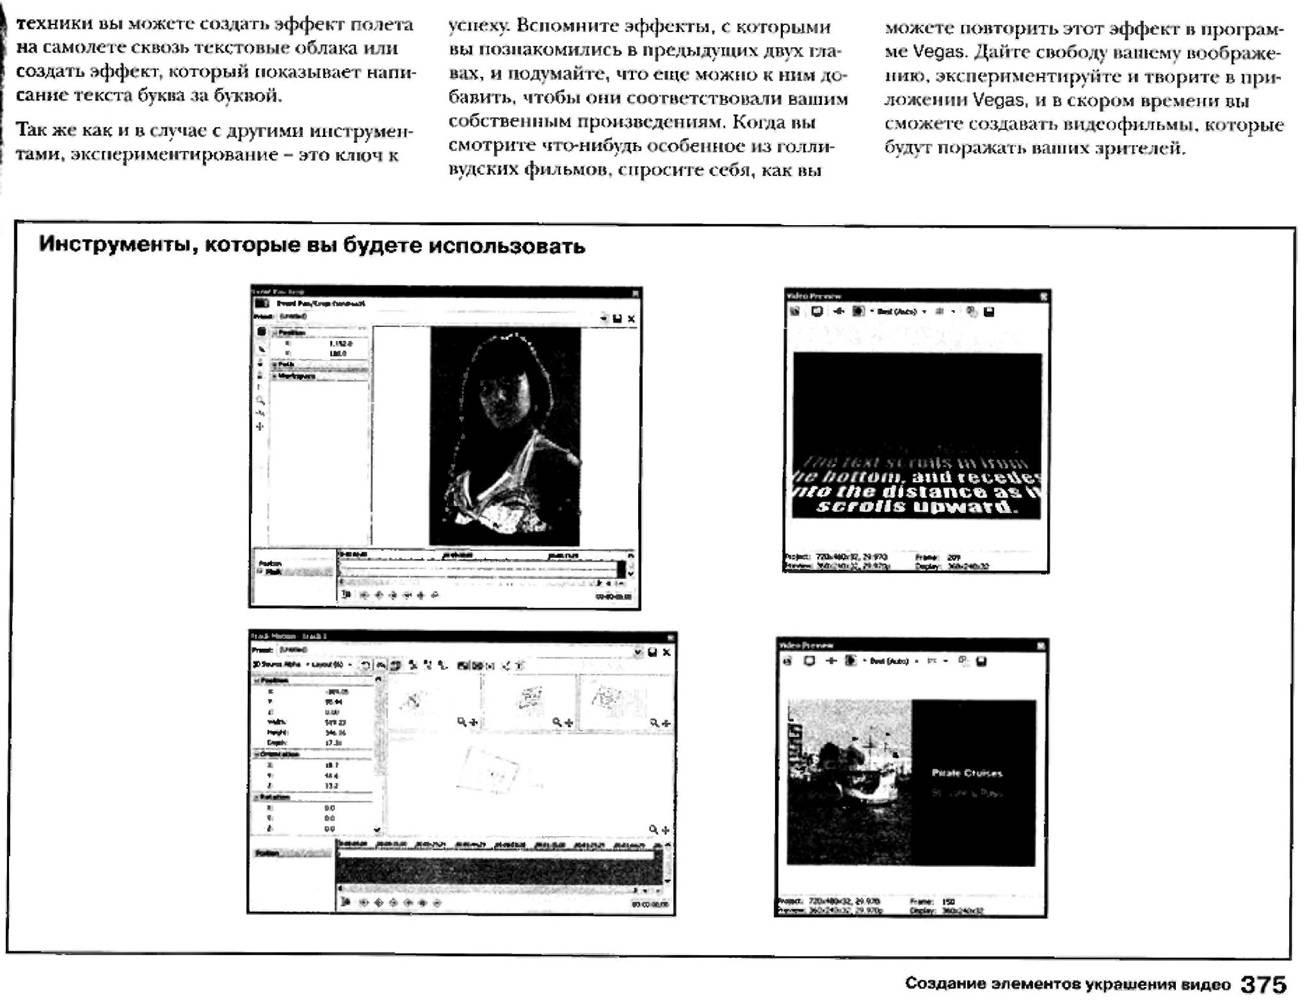 http://redaktori-uroki.3dn.ru/_ph/12/645484892.jpg